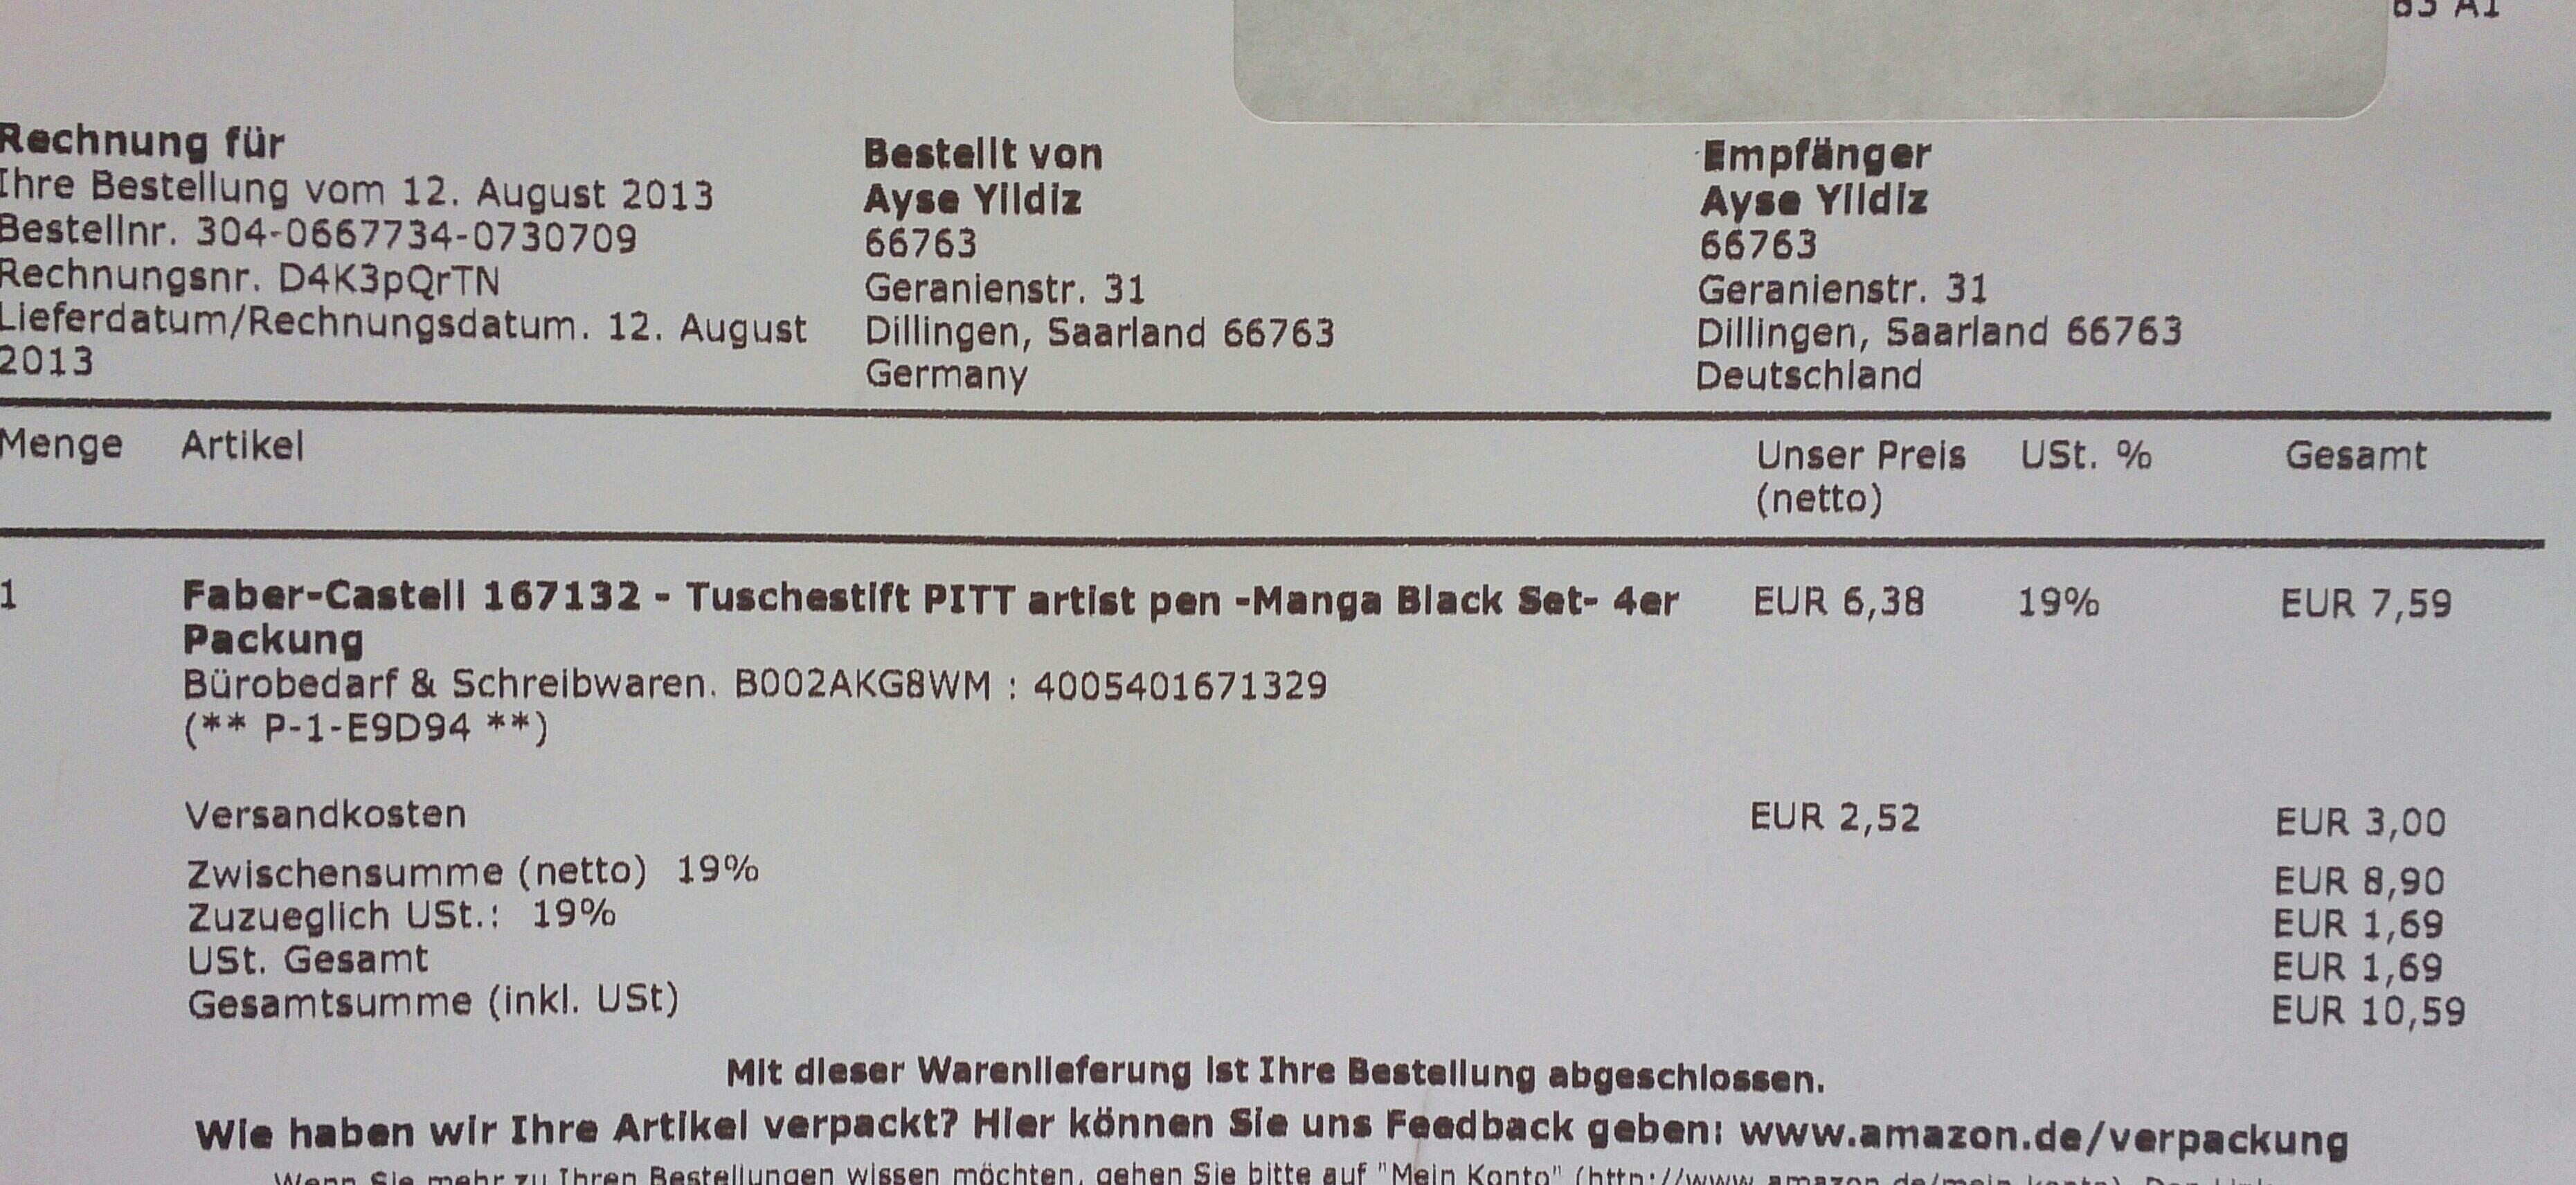 media markt rechnung rechnung media markt markt media rechnung hifi forum media markt berlin. Black Bedroom Furniture Sets. Home Design Ideas